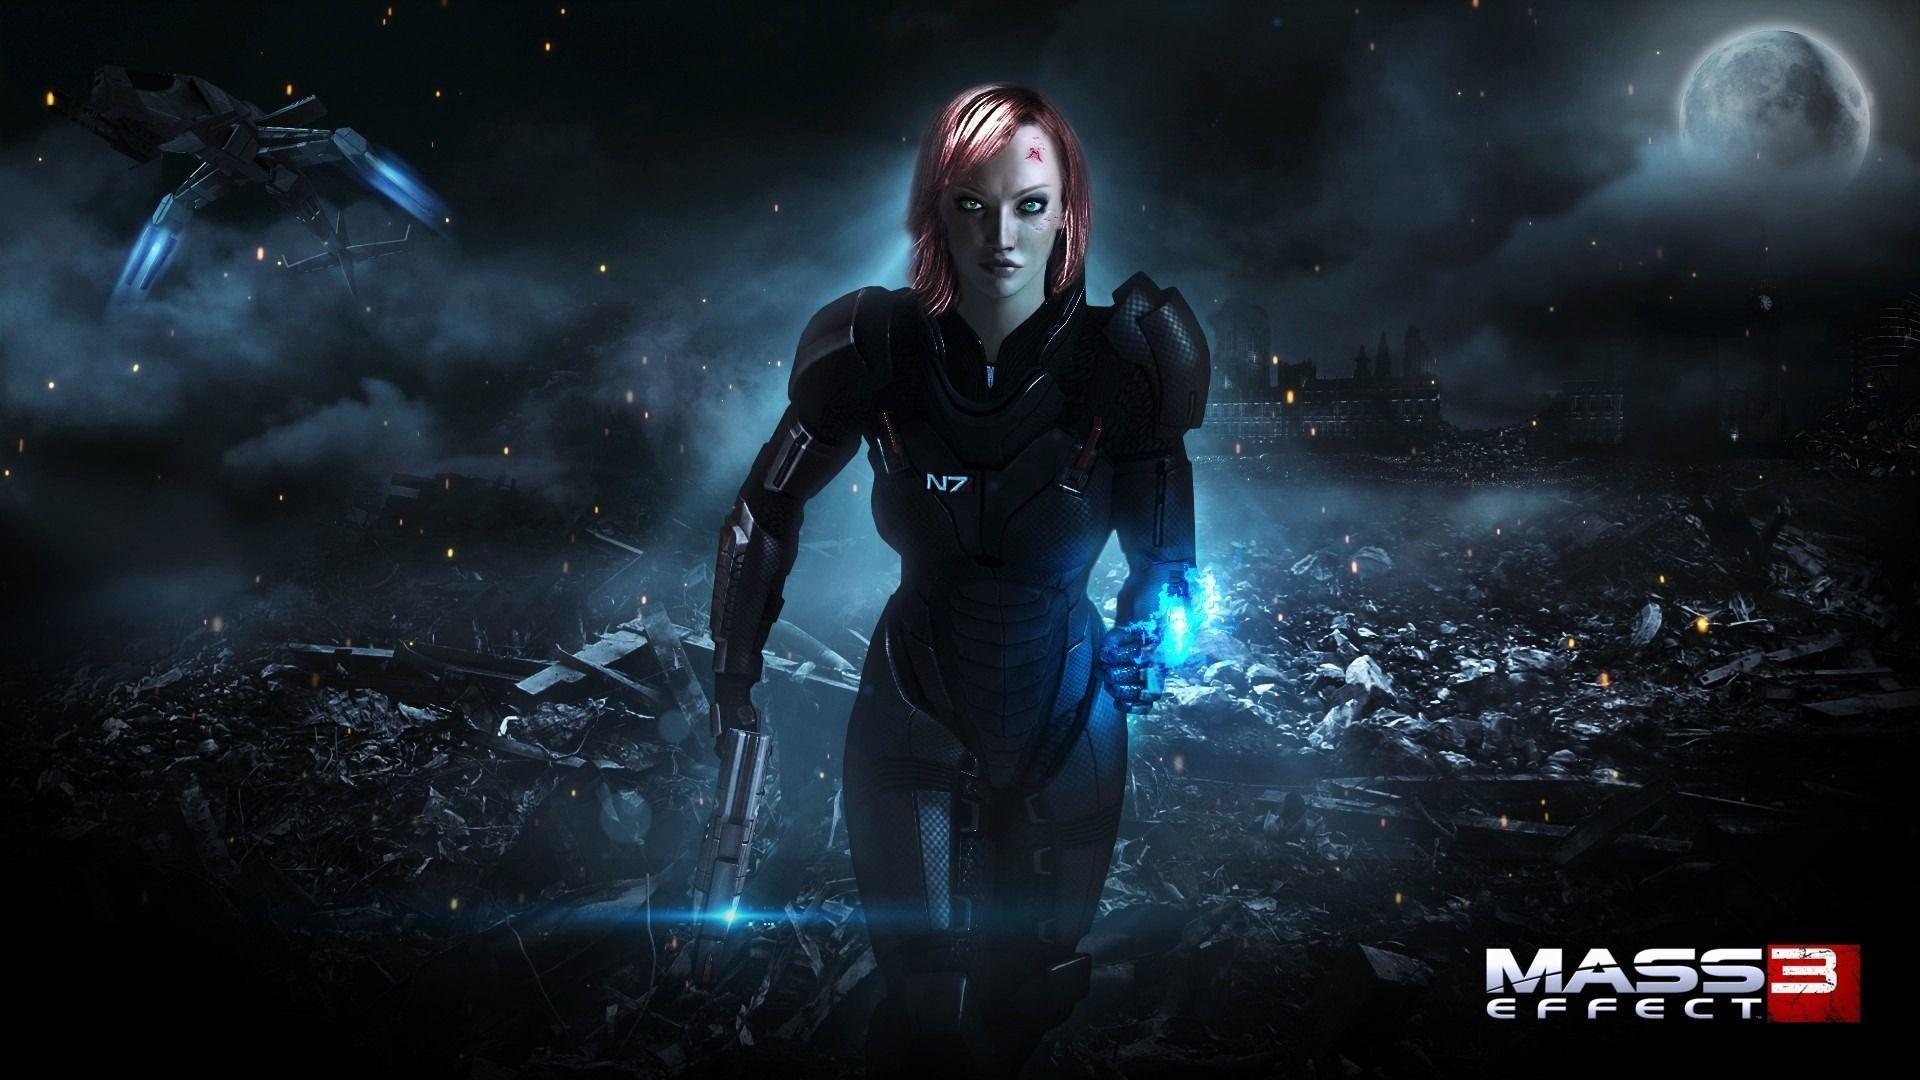 Shepard Mass Effect Wallpapers Wallpaper Cave